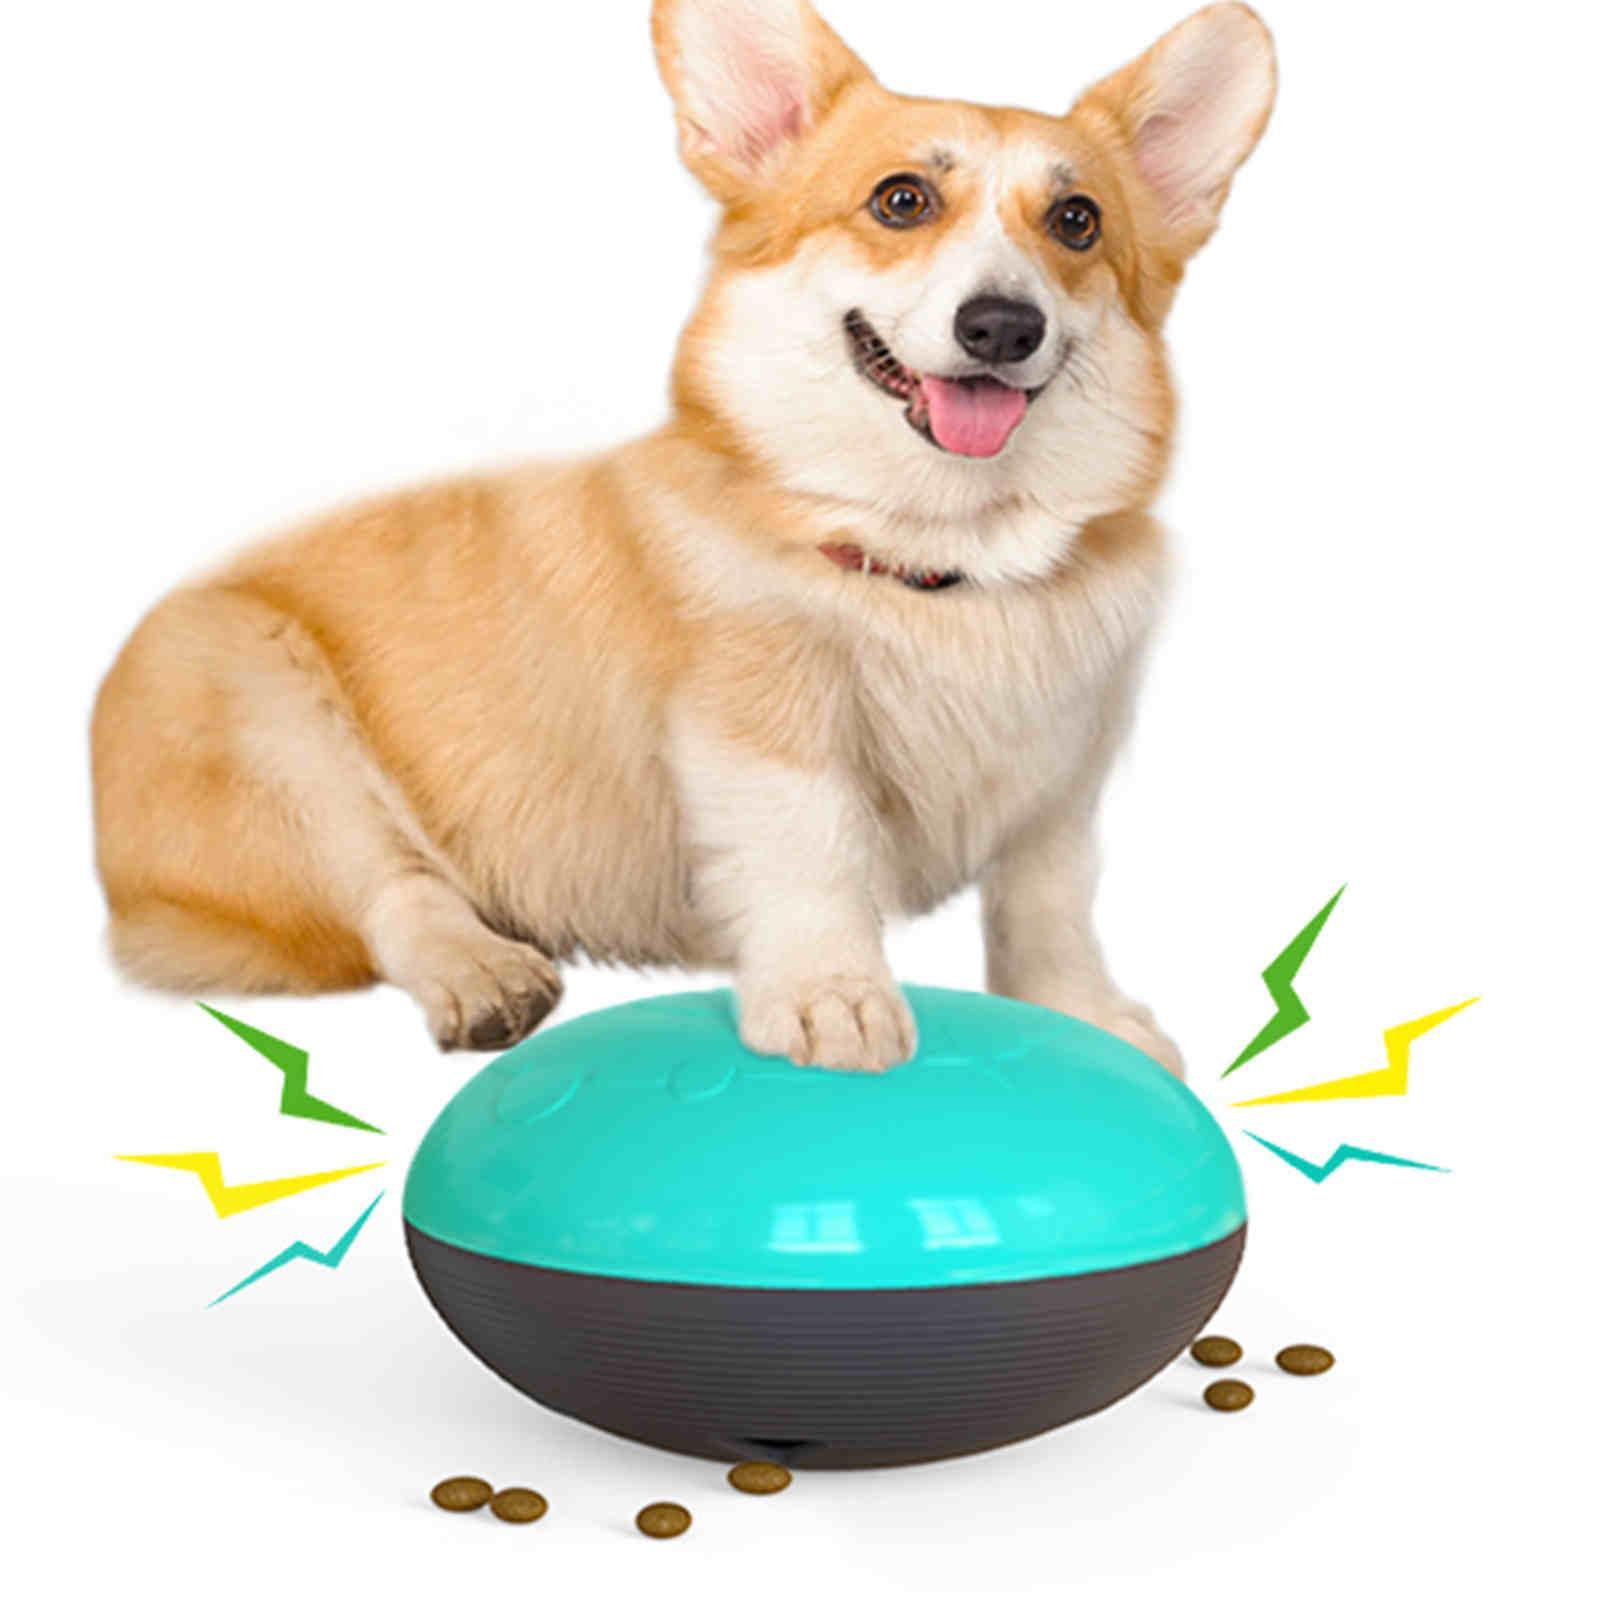 Brinquedo de gato de deslizamento interno choca dentes comida filhote de cachorro vazamento bola animal de estimação suprimentos cão mastigar brinquedos interativos